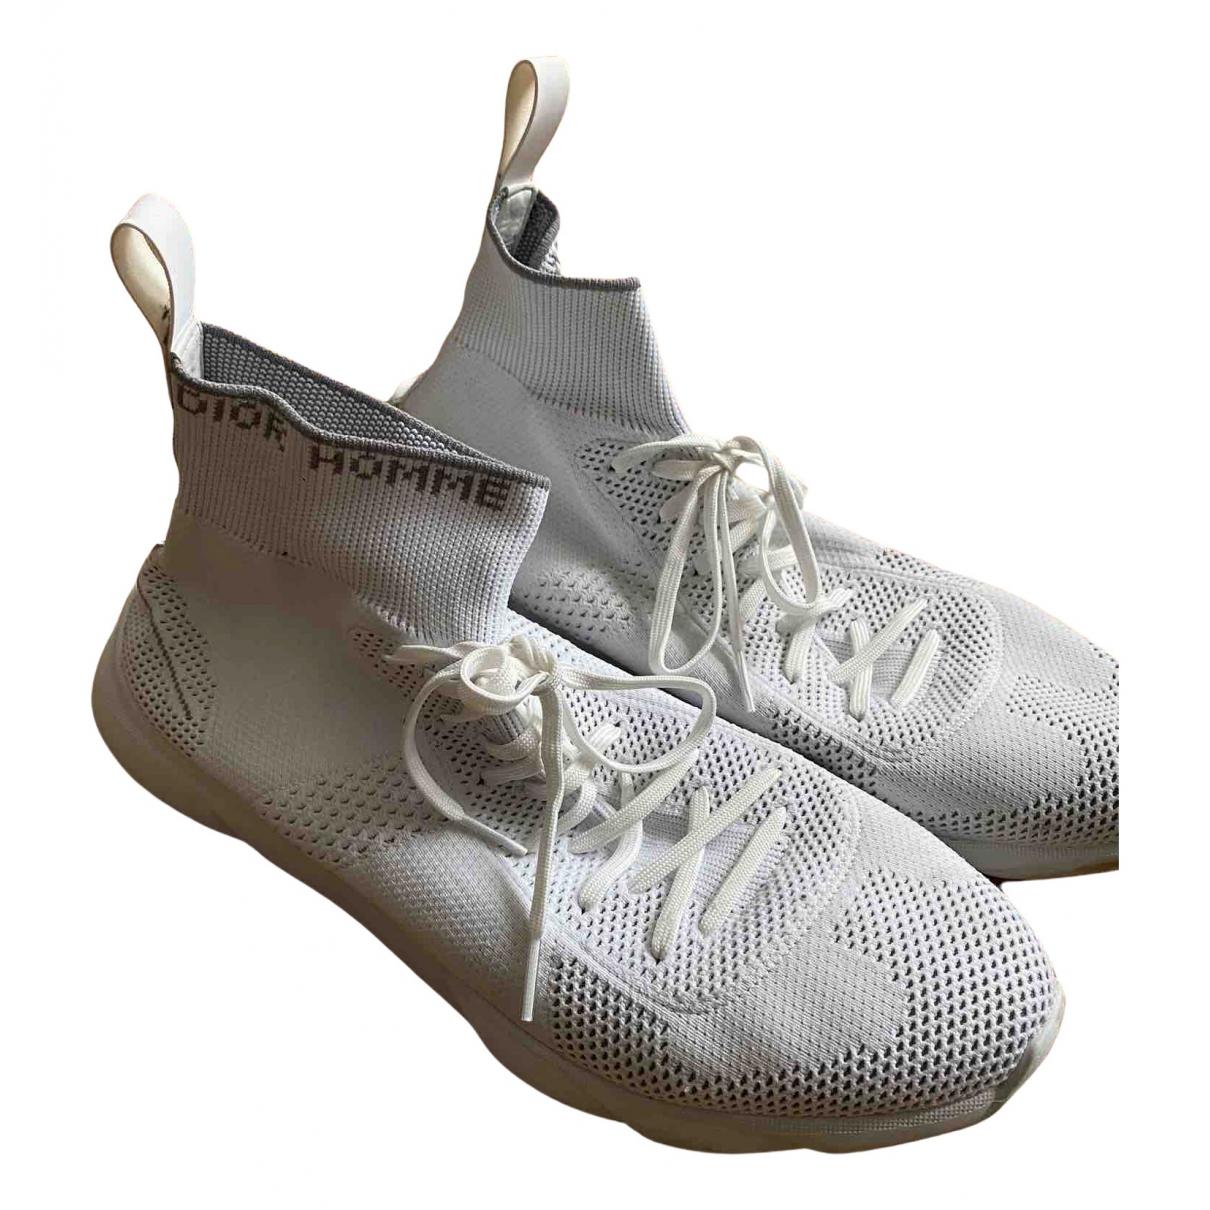 Dior Homme - Baskets B21 socks pour homme en toile - blanc